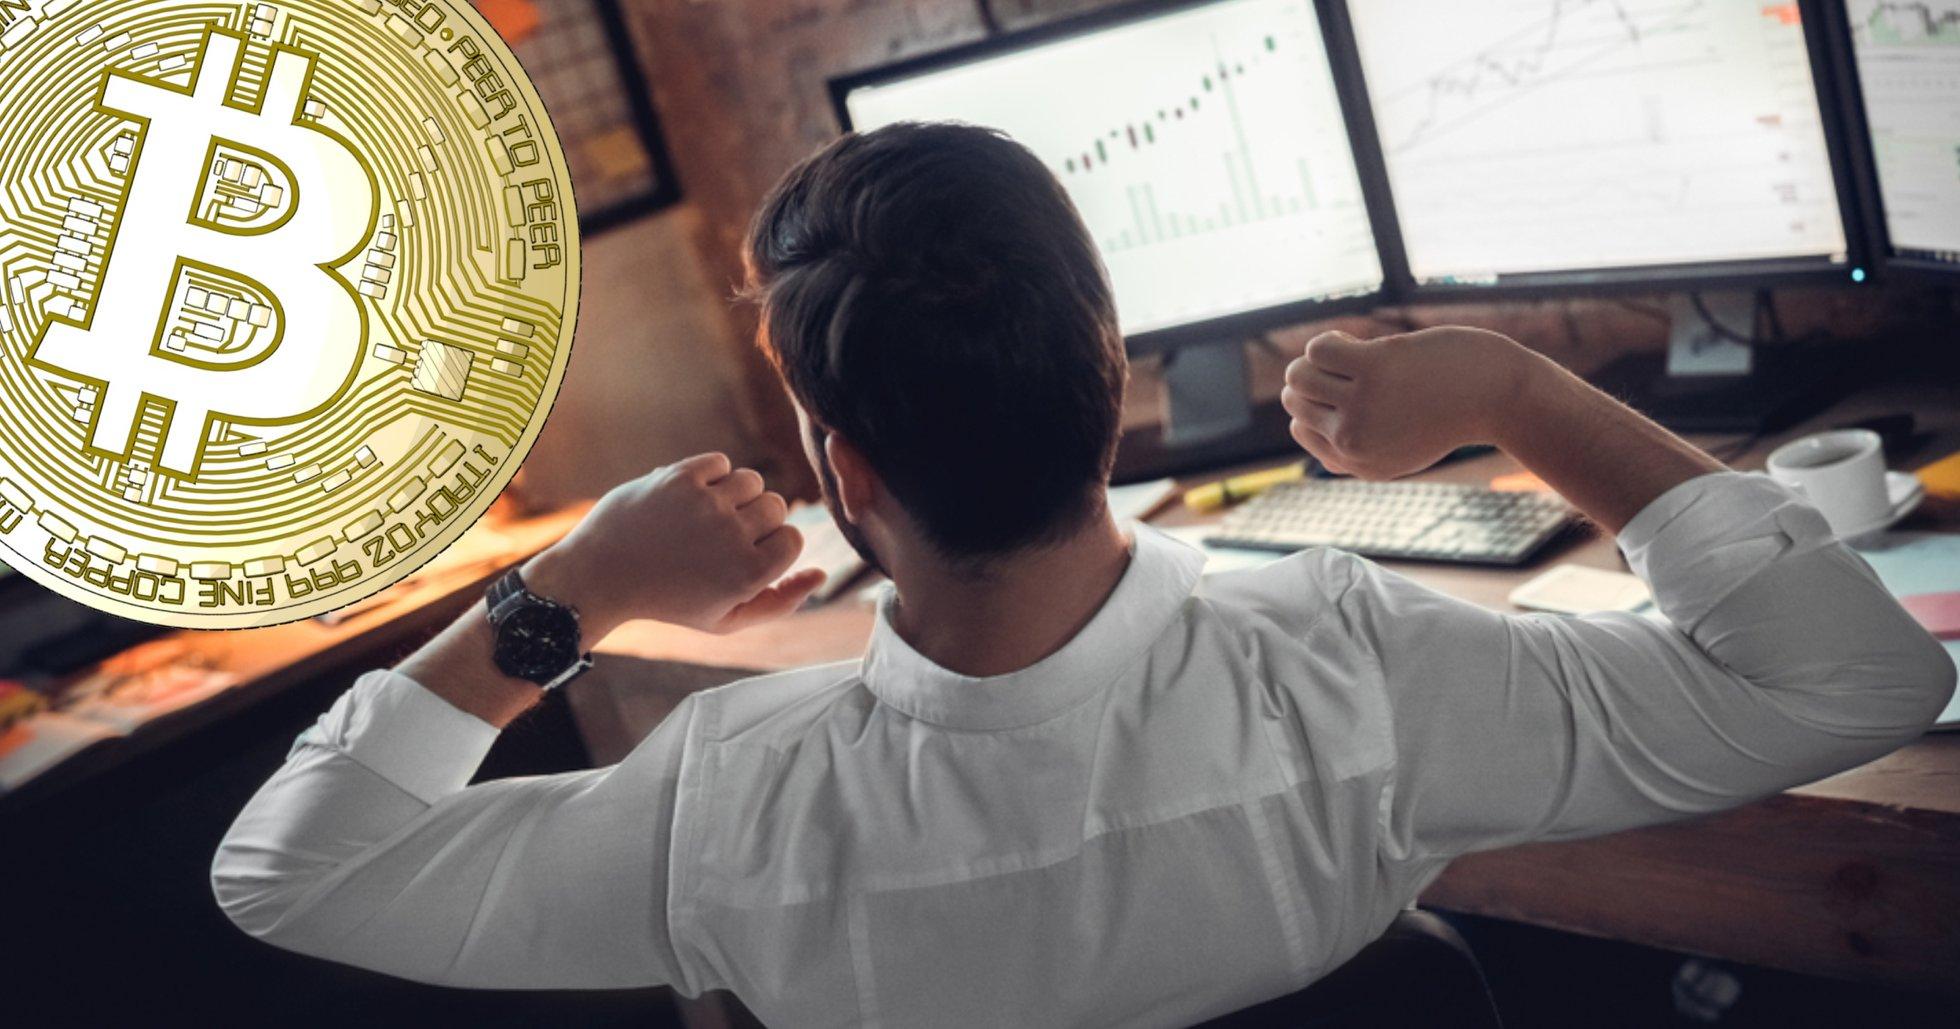 Bitcoinpriset återhämtar sig – upp över 11 procent det senaste dygnet